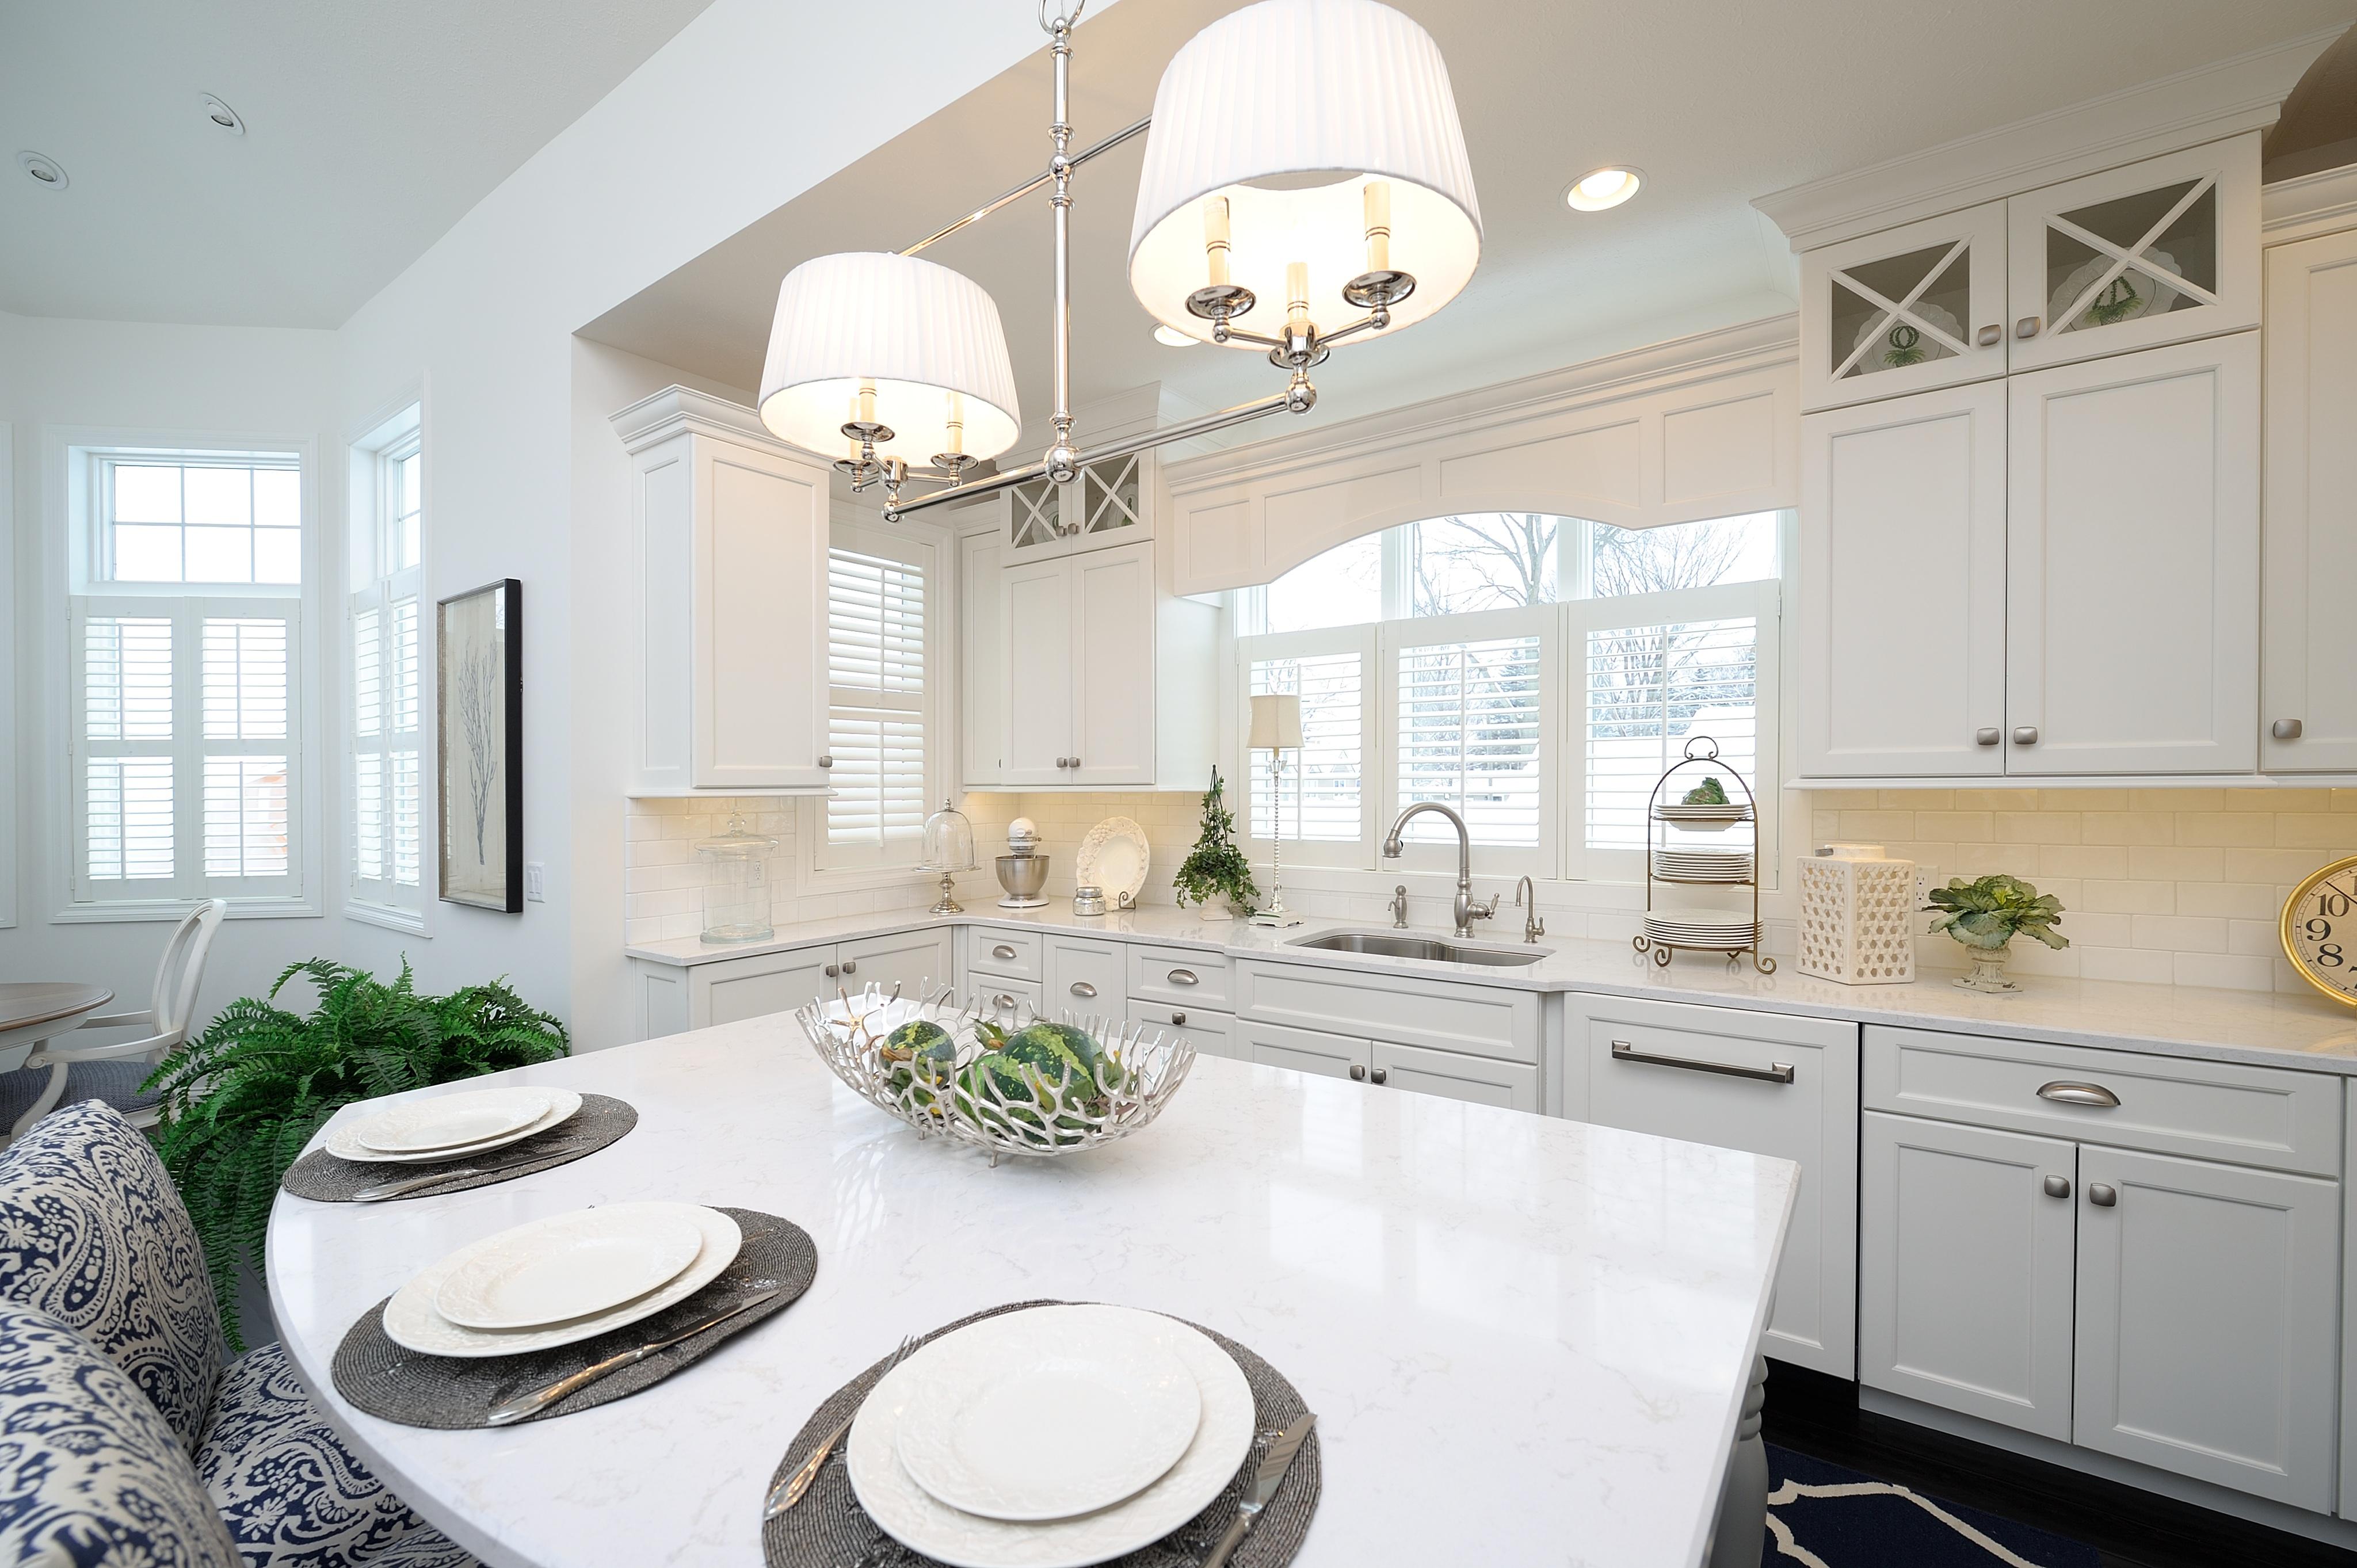 Luxury White kitchen by Kalamazoo Custom Kitchens and Baths, Kalamazoo, MI